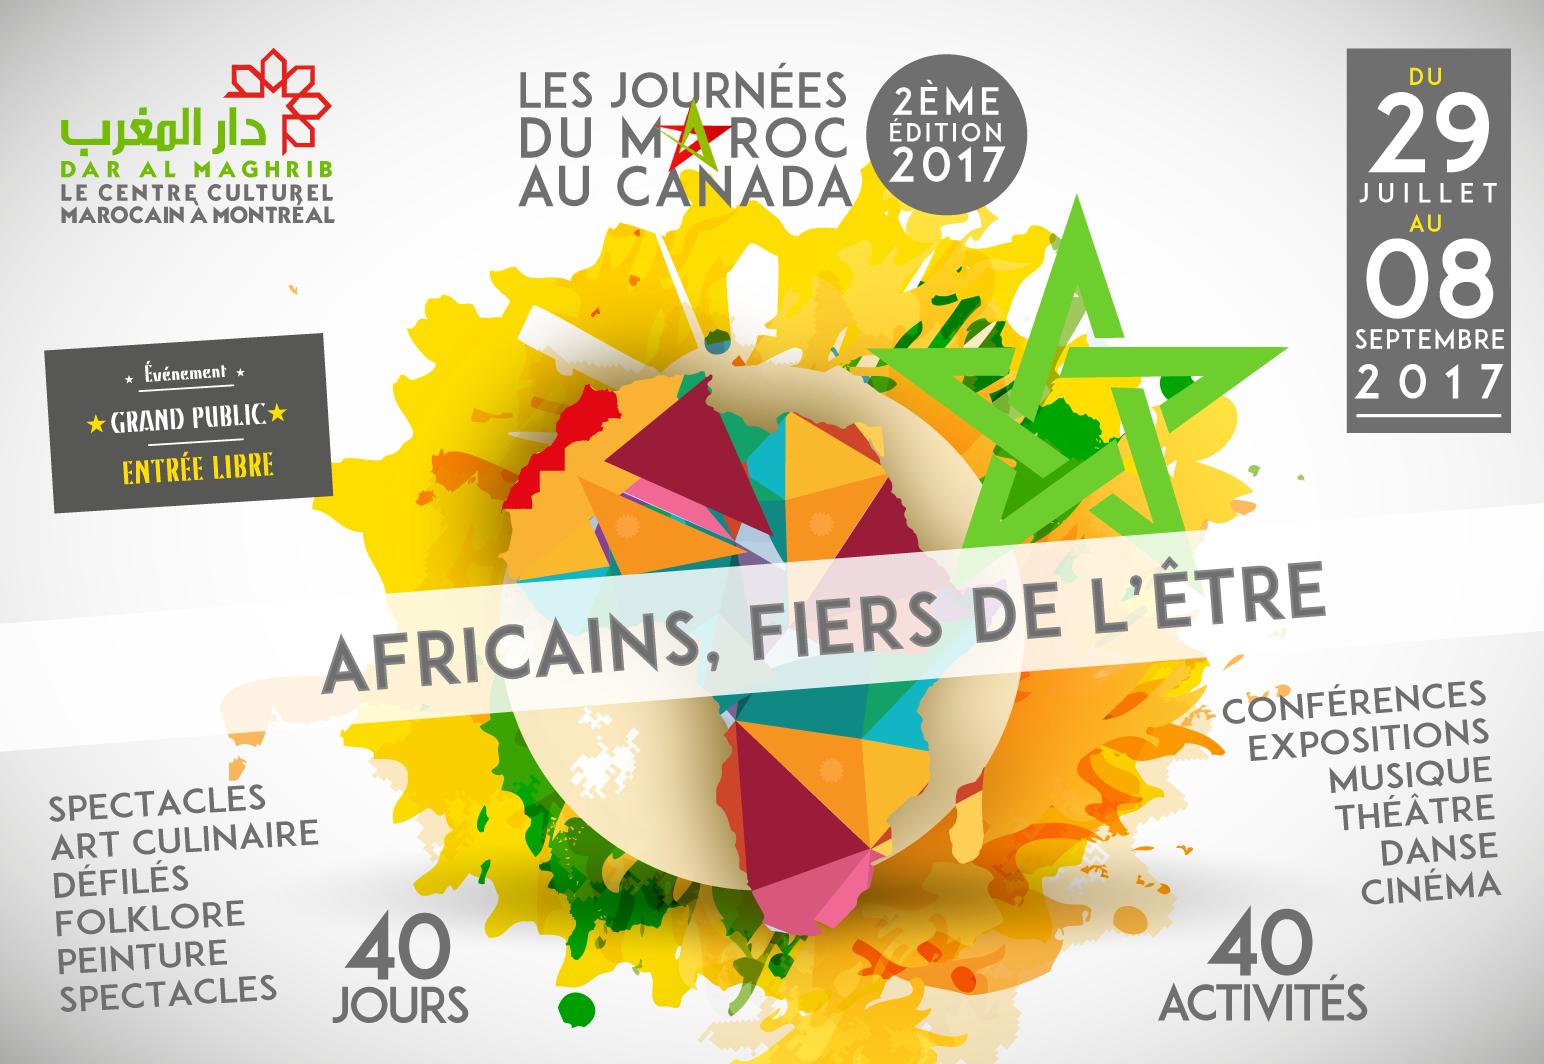 Les journées du Maroc au Canada; La deuxième édition